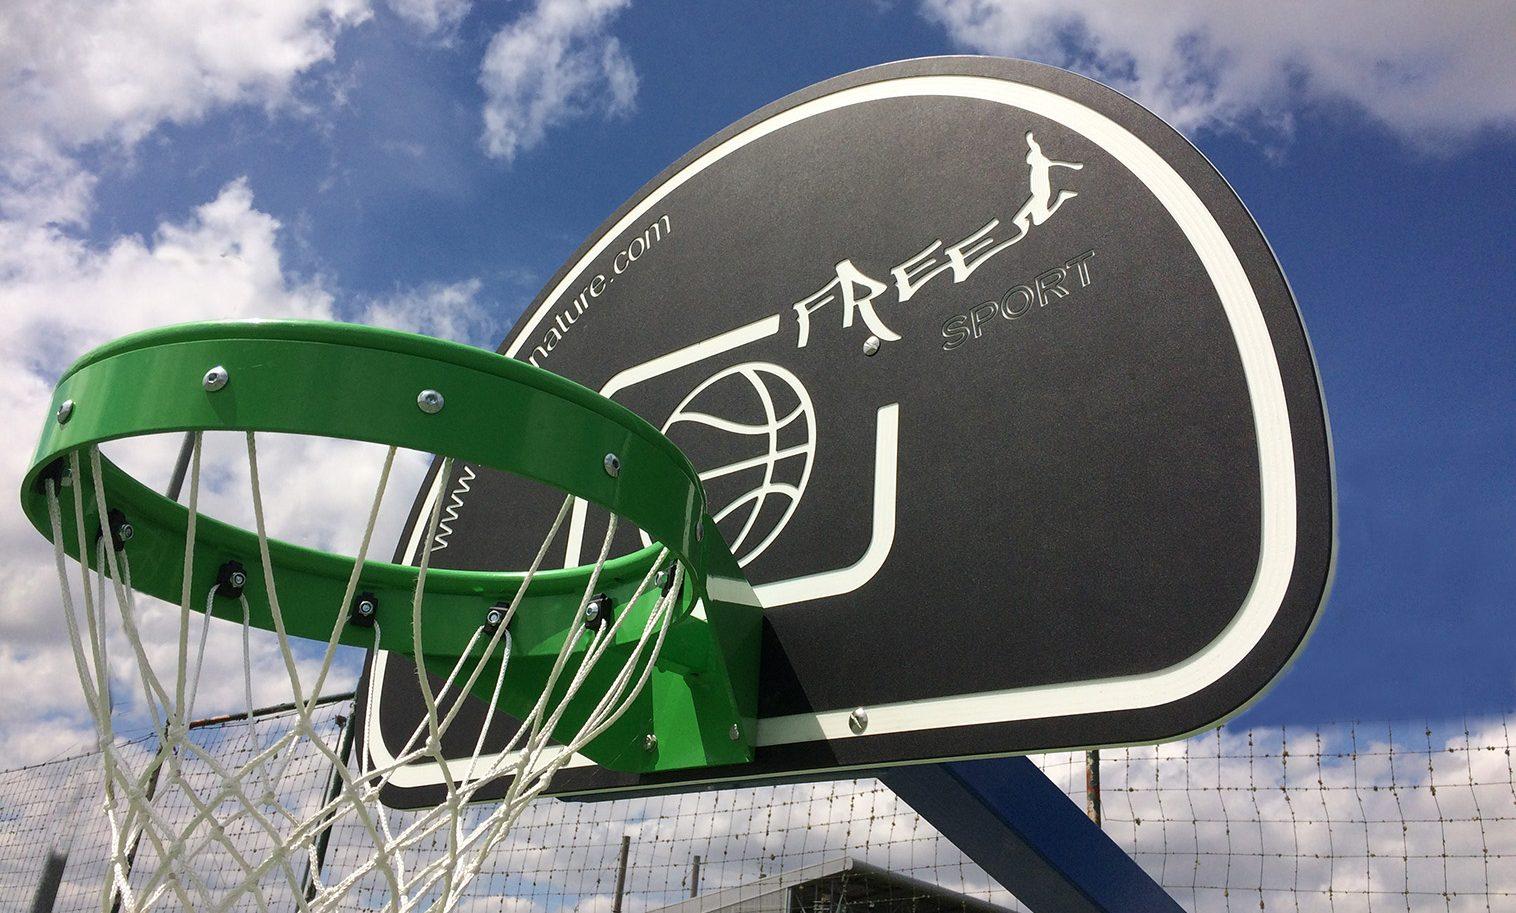 panneau de basket pour terrains multisports ext rieur